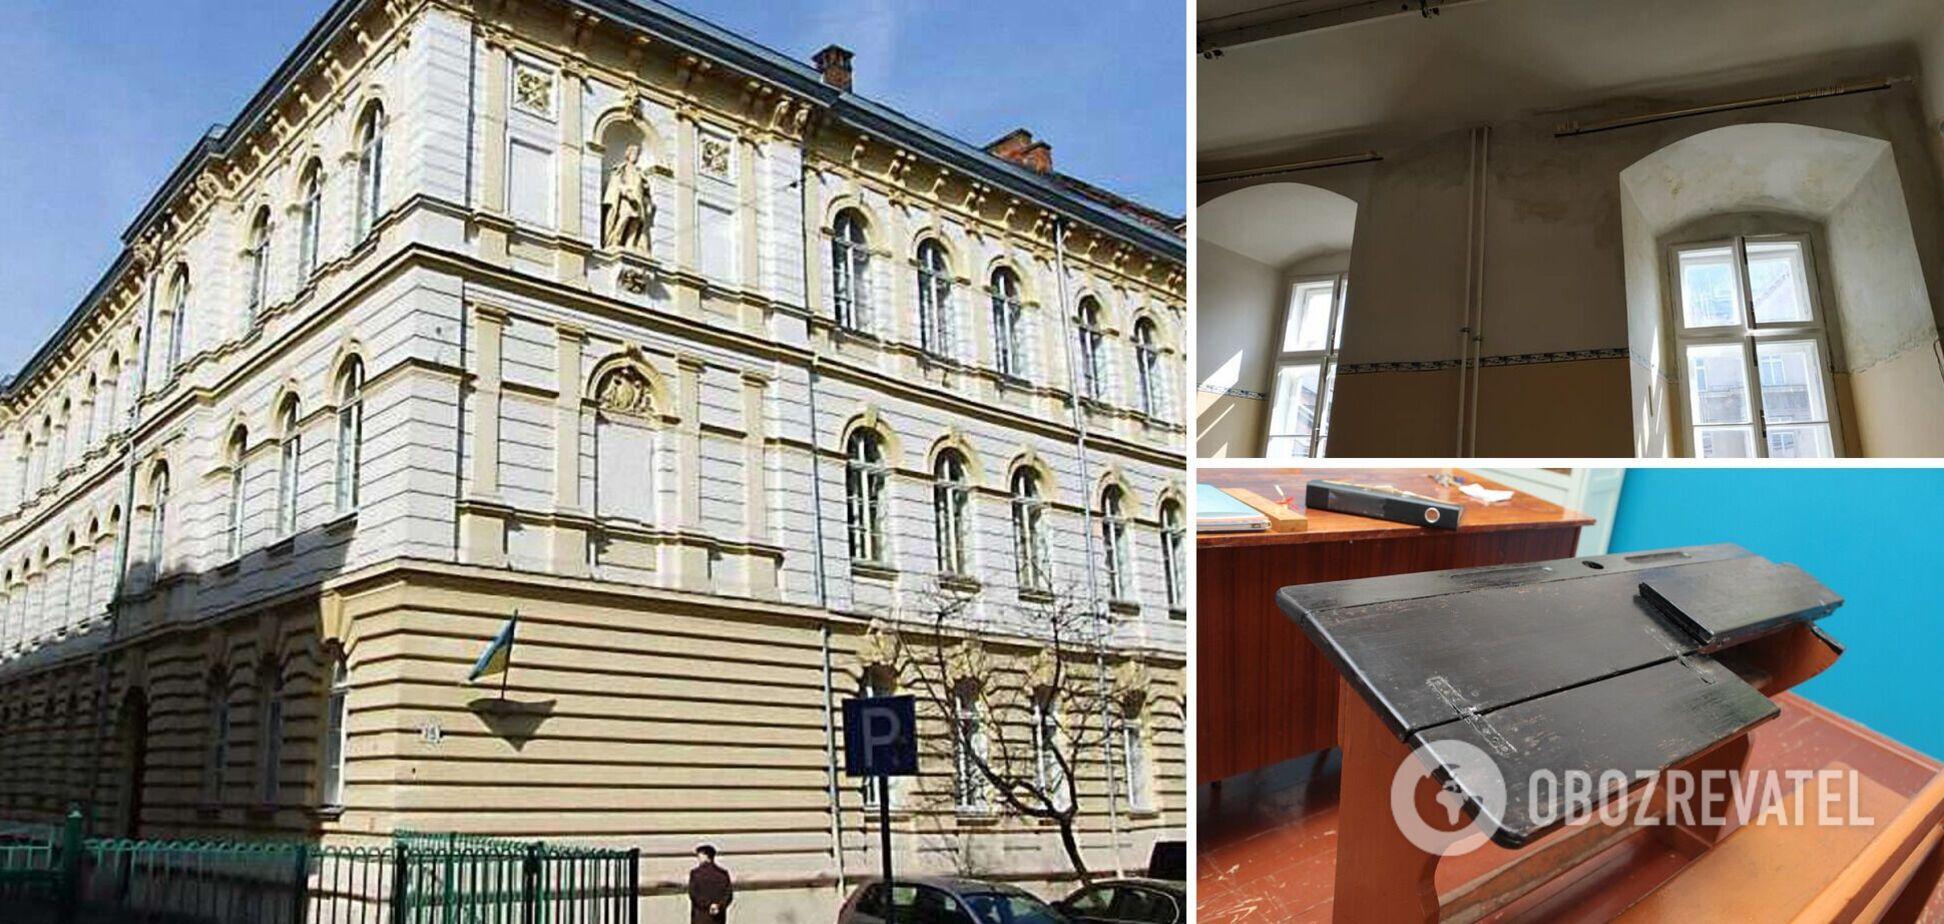 Прогнила підлога і грибок на стінах: у Львові п'ятикласників відправили вчитися в аварійному кабінеті